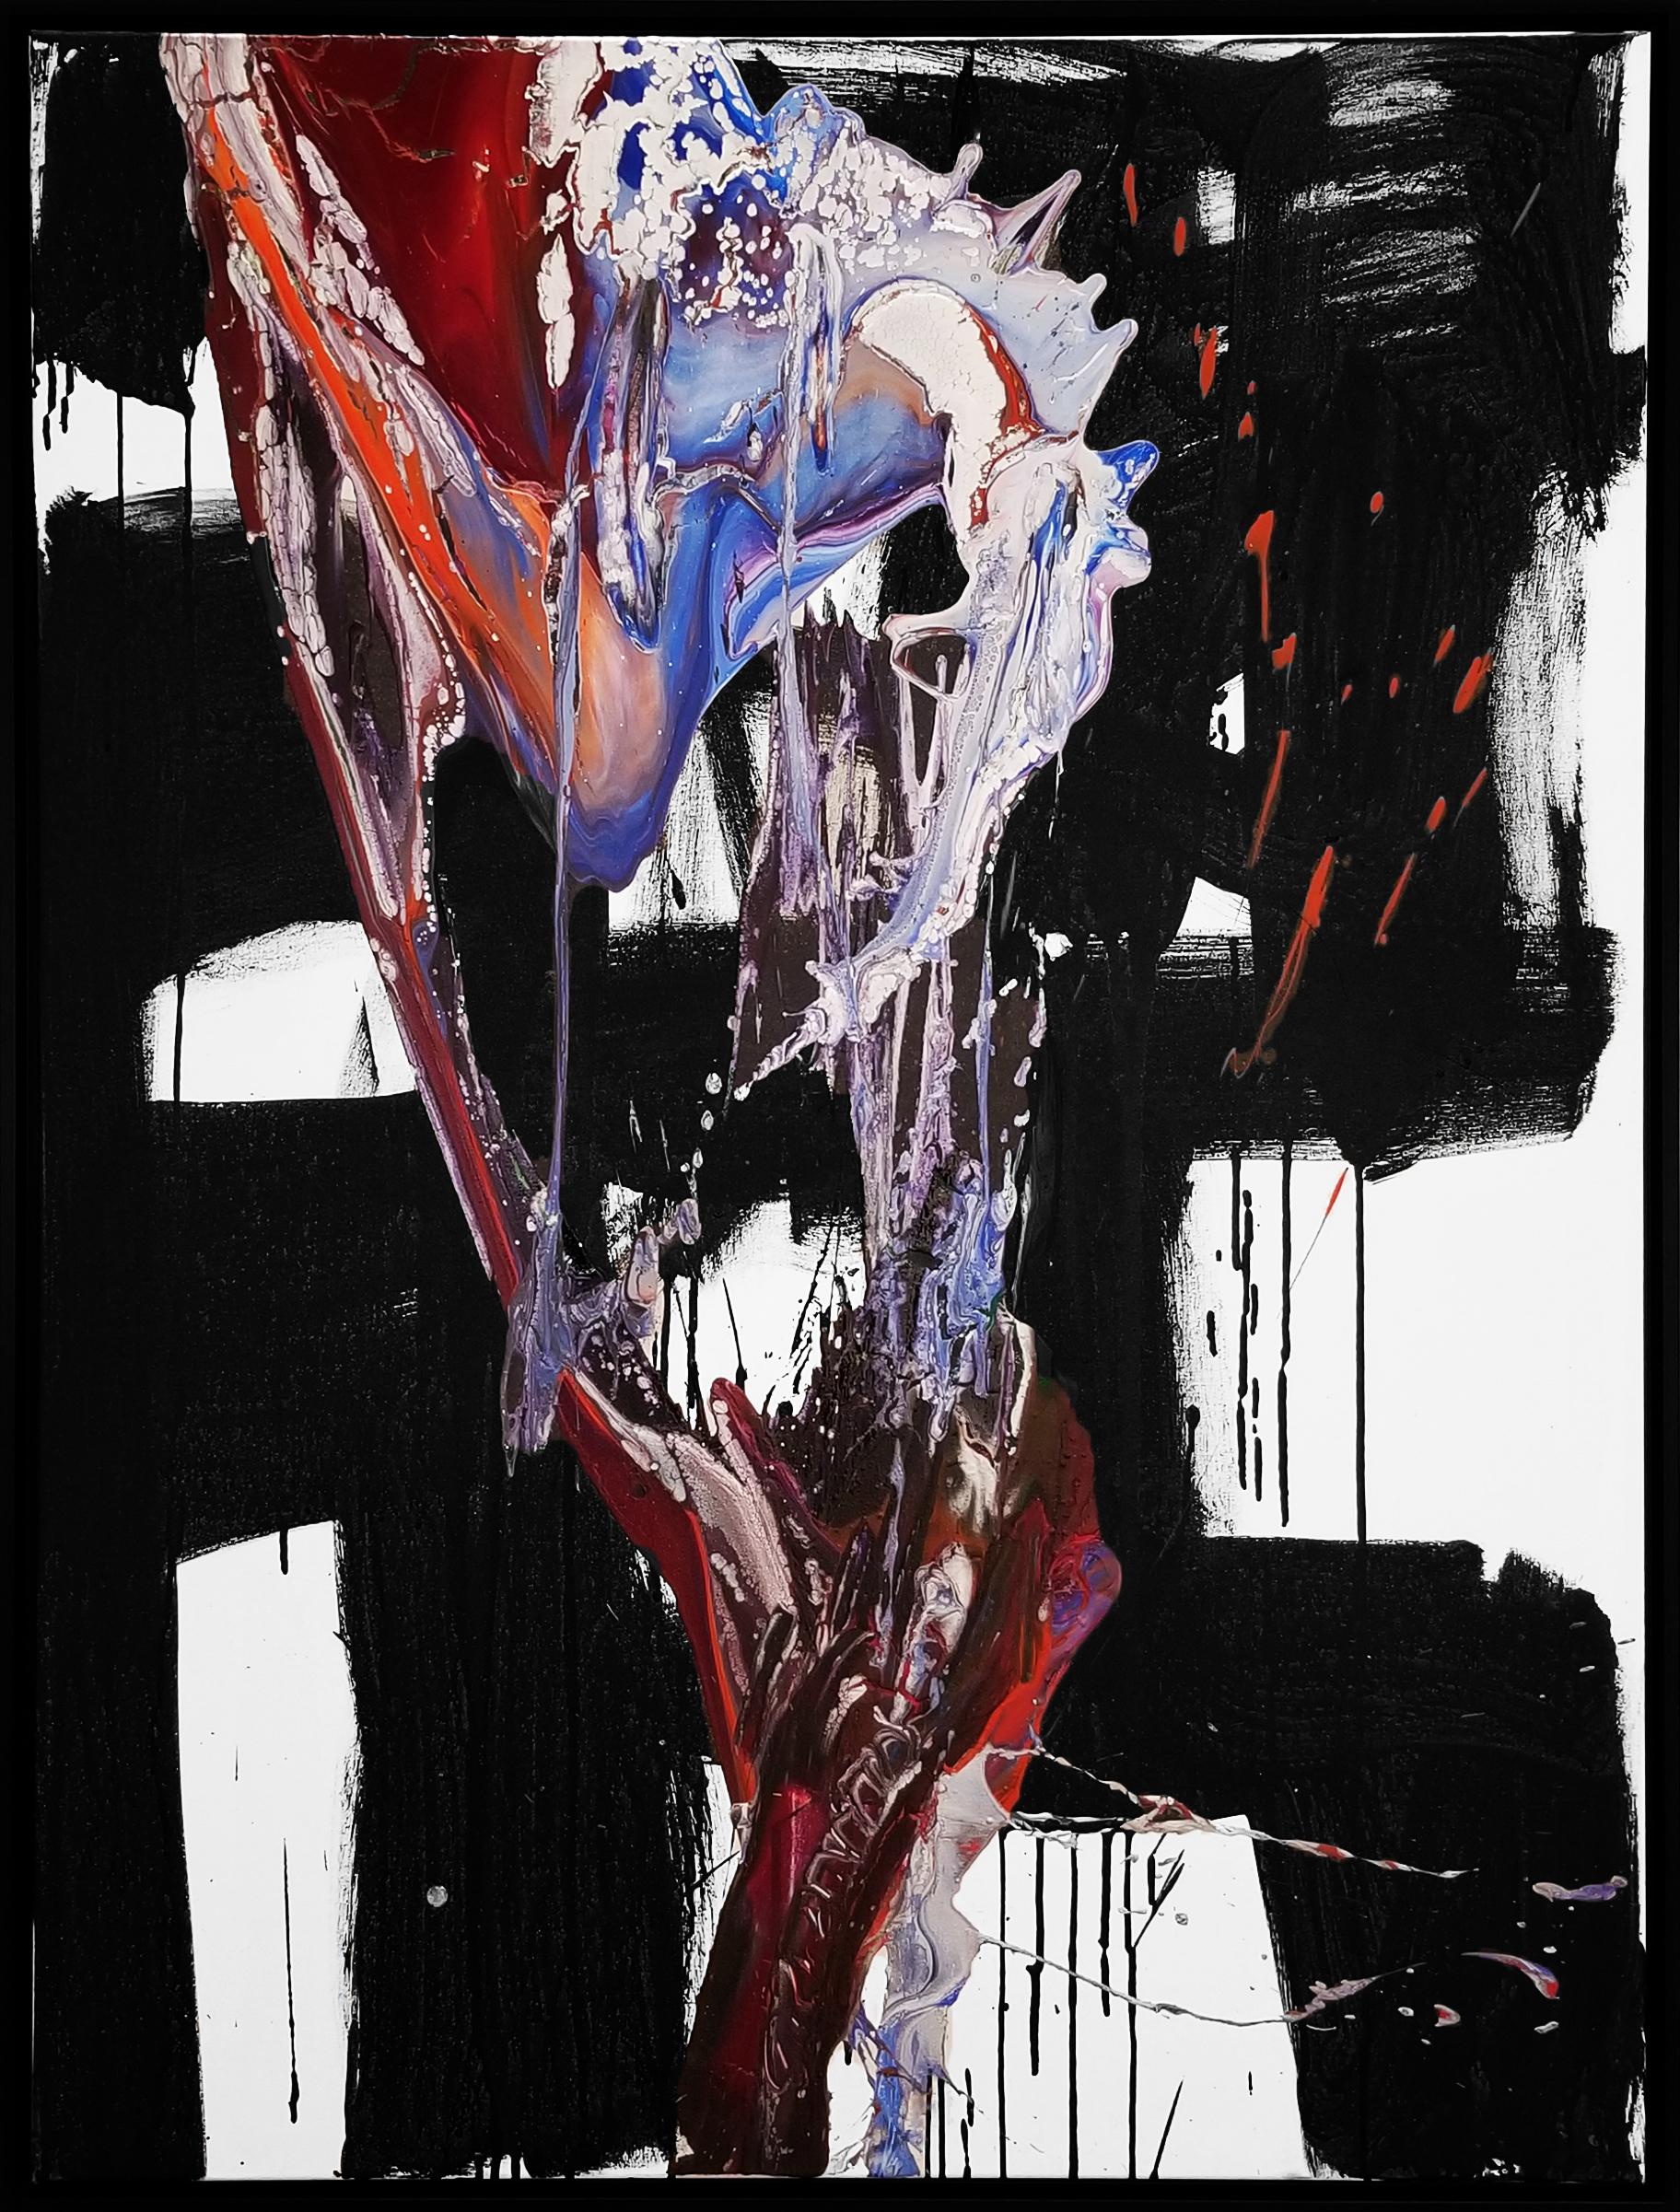 """SP²#130, 2018, acrylic on canvas, 48""""x36"""" (122 x 91.4 cm)"""